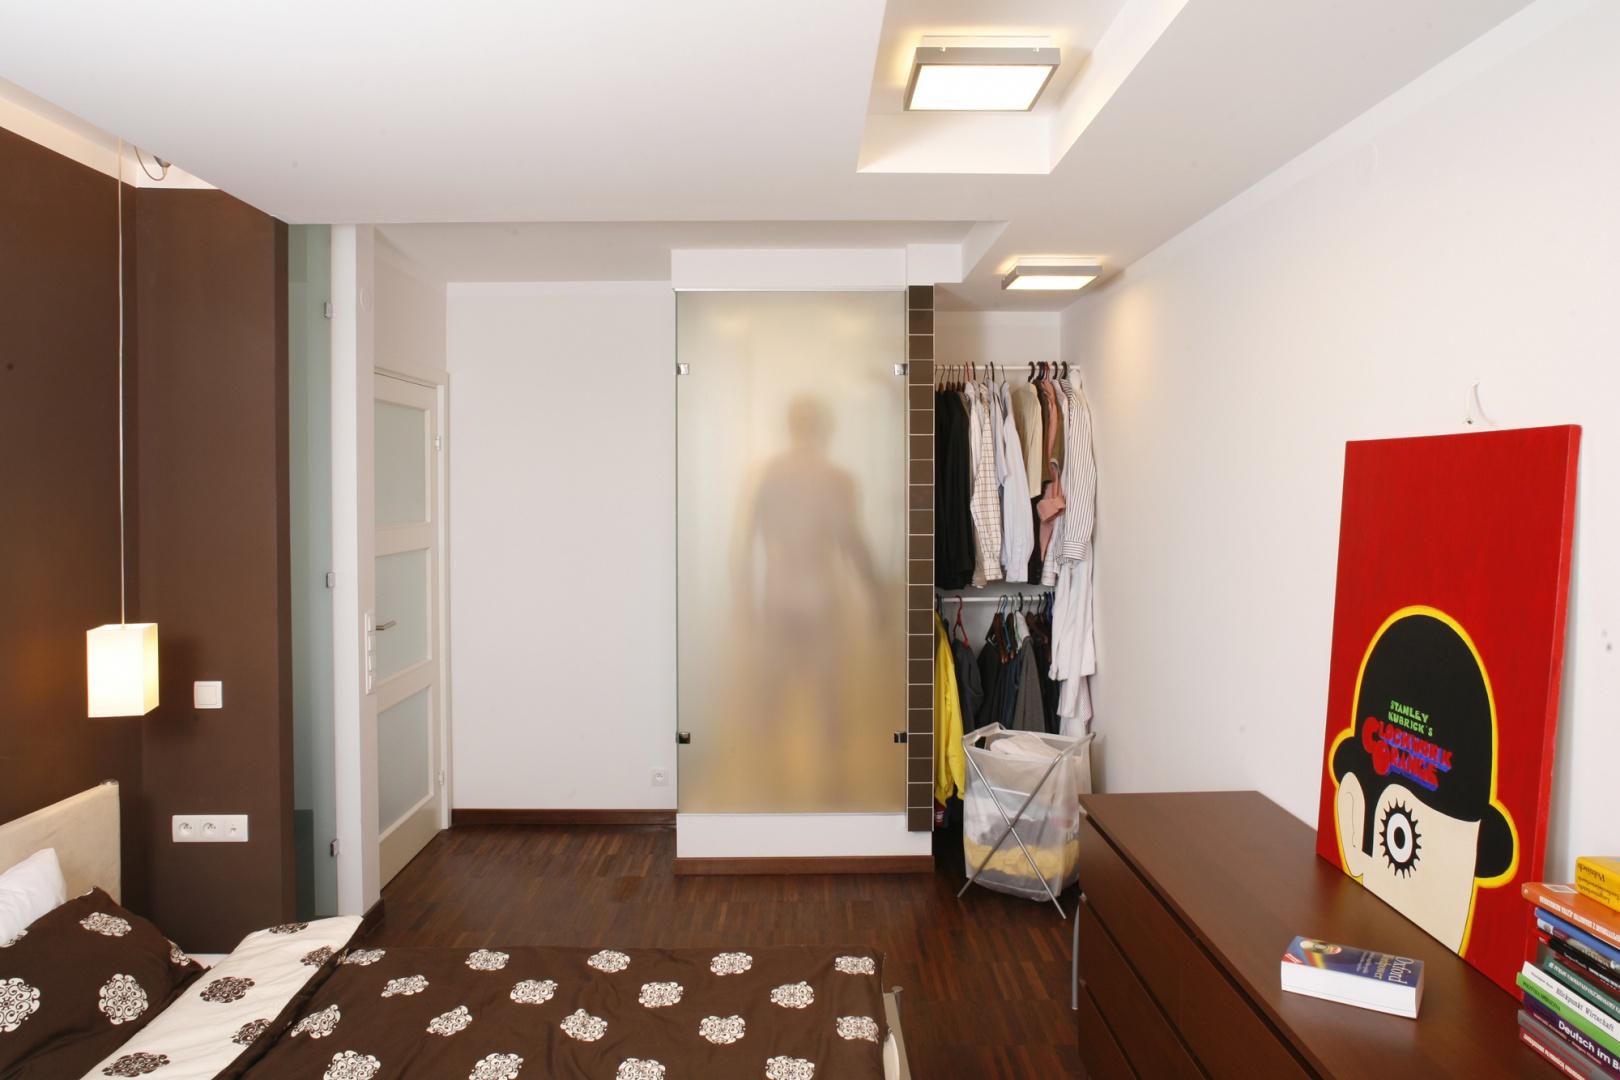 Zaaranżowana w odcieniach bieli i brązu męska sypialnia, to miejsce bardzo intrygujące... Przede wszystkim za sprawą oryginalnego rozwiązania – wprowadzenia do sypialni części kabiny prysznicowej z przyległej łazienki. Fot. Bartosz Jarosz.